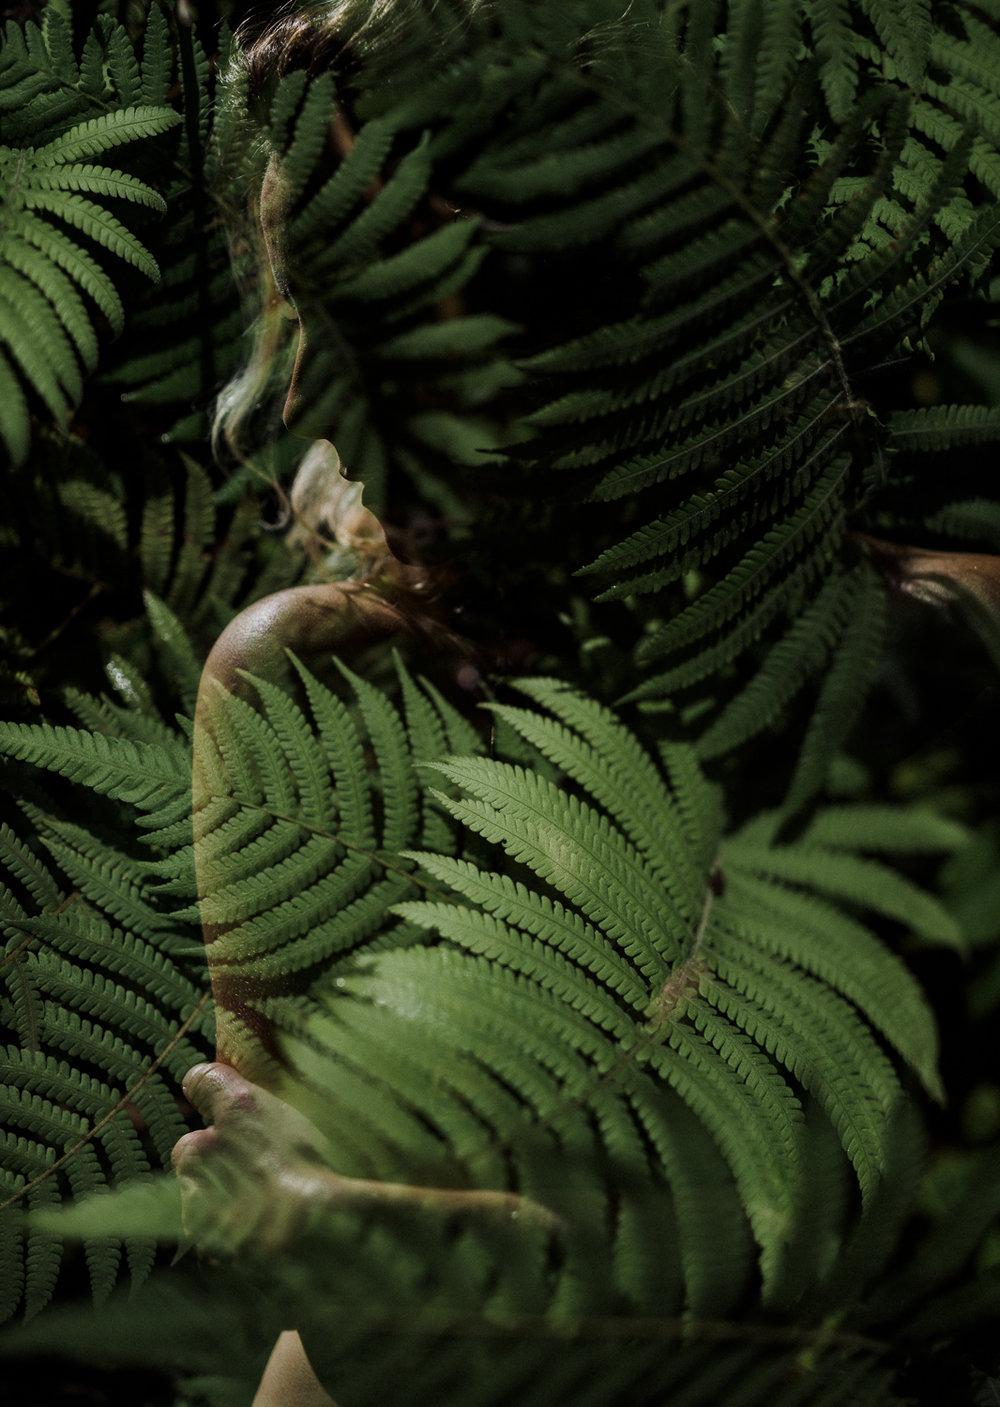 field-trip-Unraveling-treasures-Maui-Karmen-Meyer-09.JPG